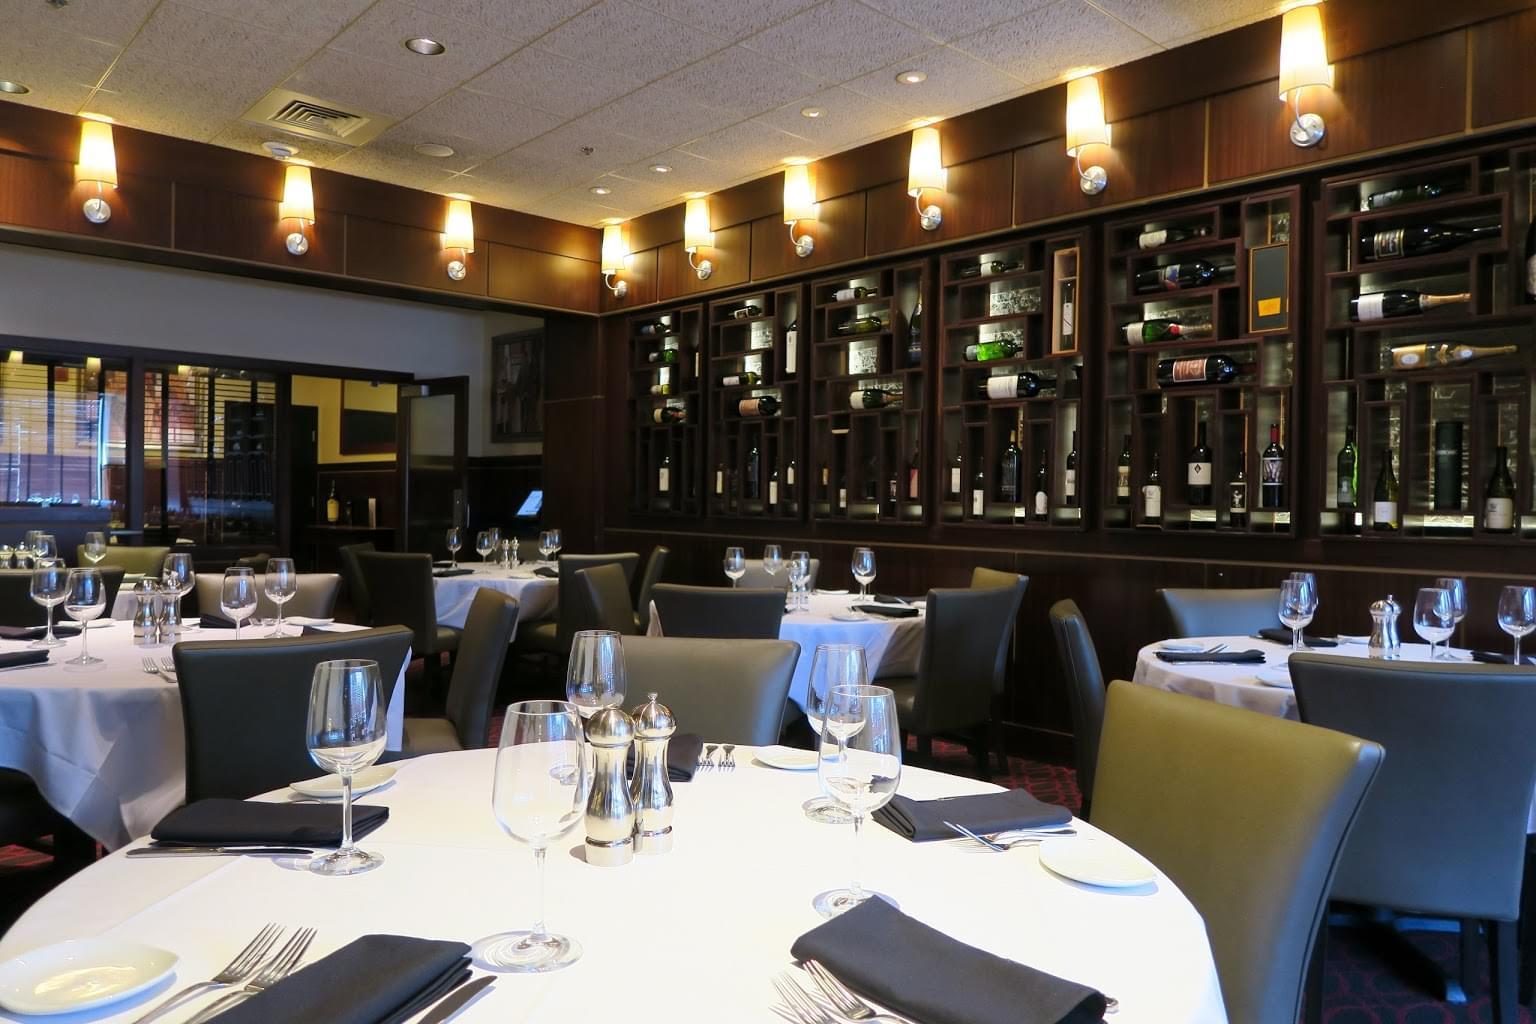 Sullivan's Steakhouse Baltimore, MD Steak House Restauarant dining area